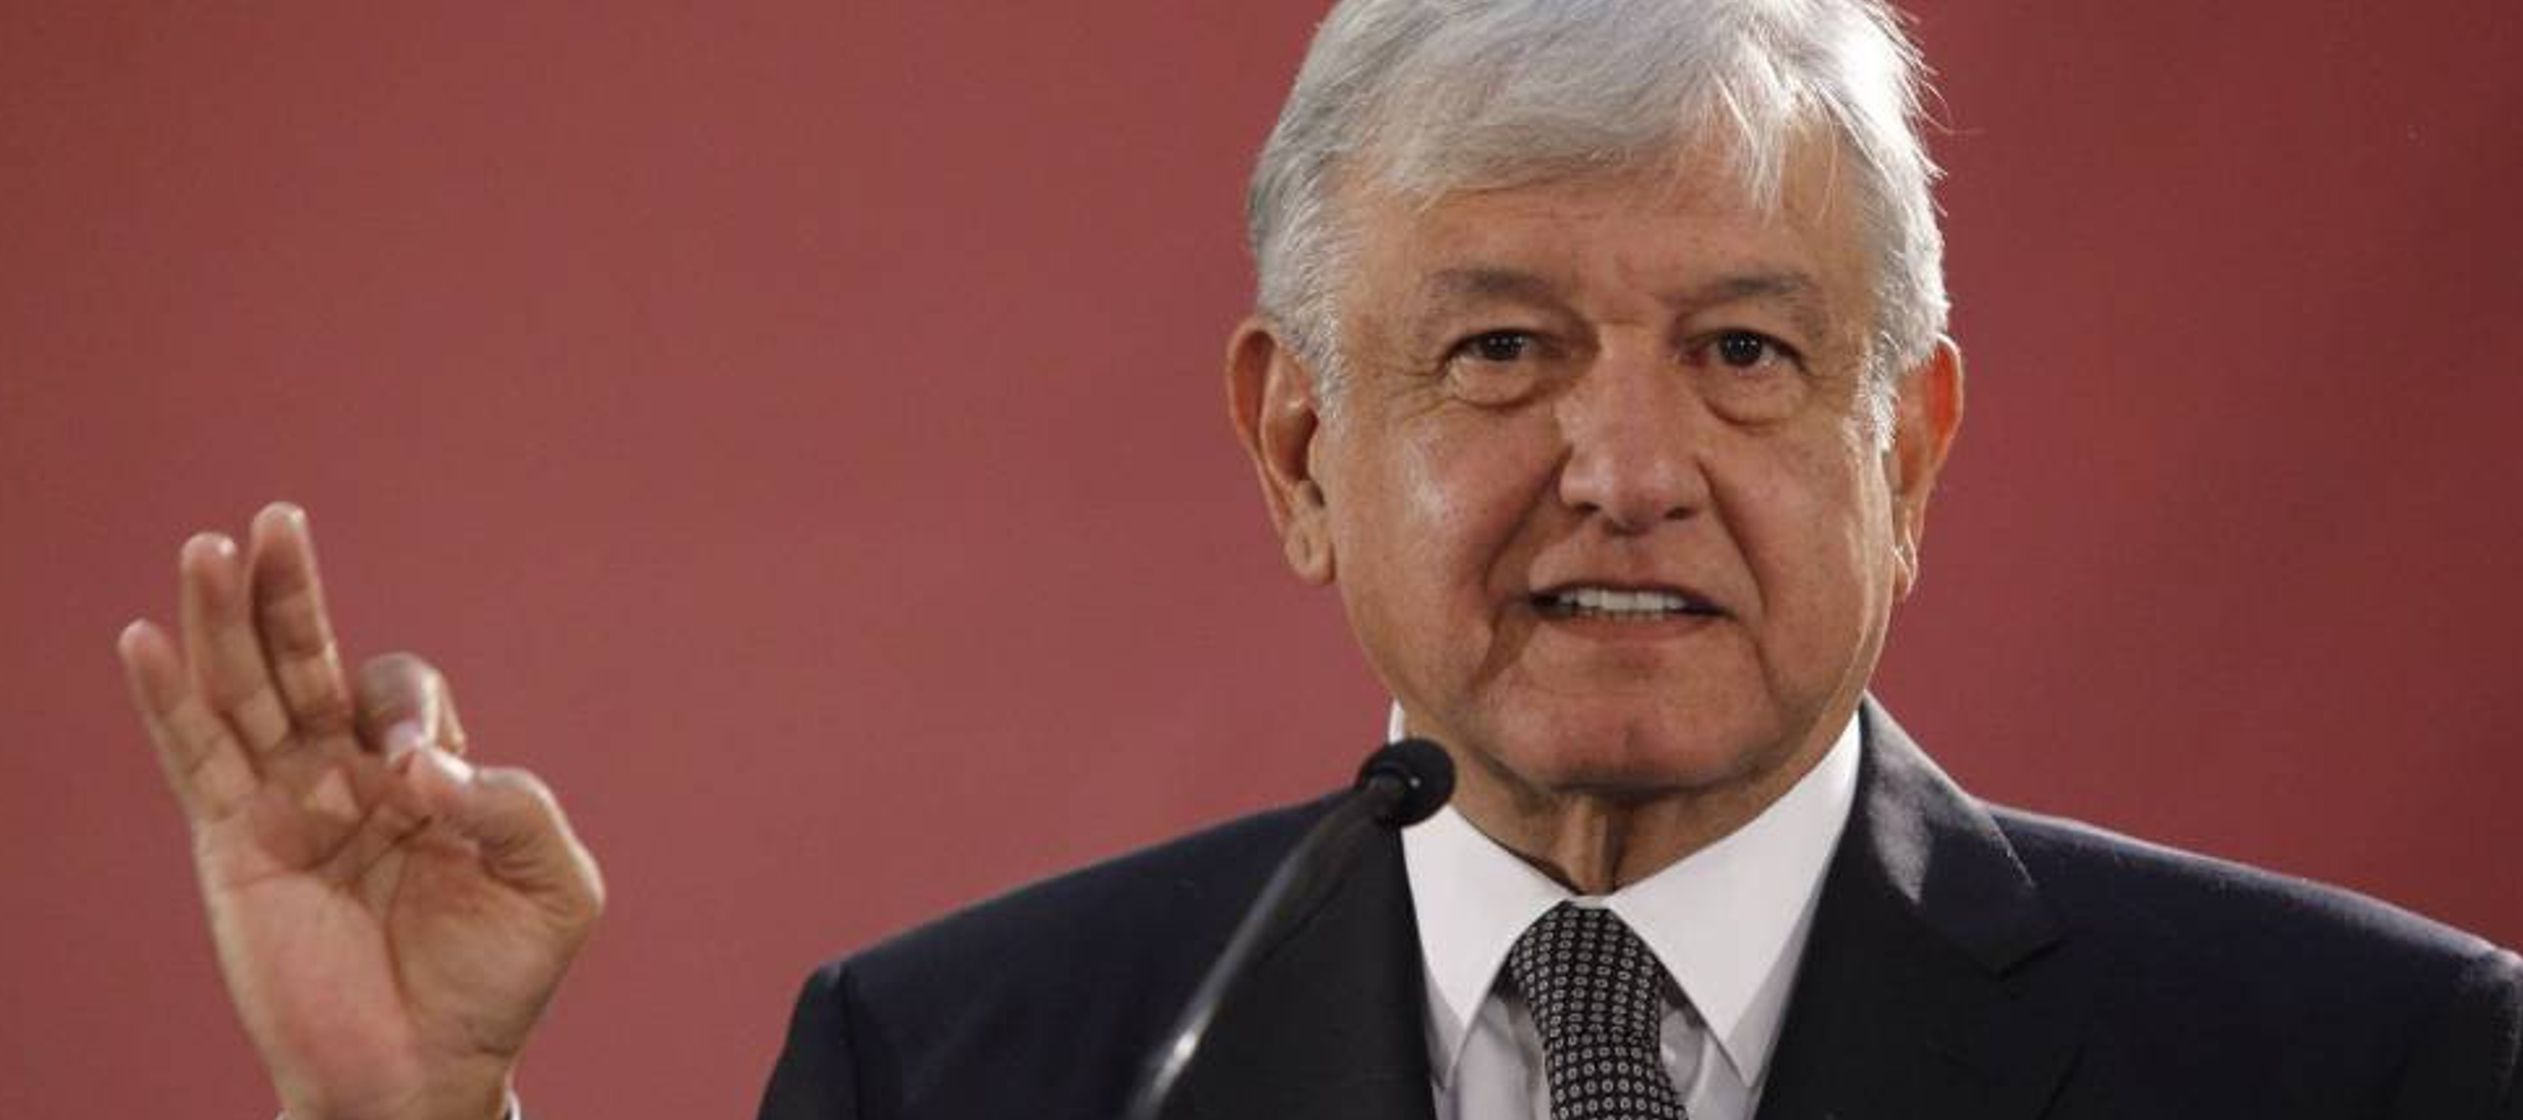 Los mexicanos polemizan sobre López Obrador como lo haría una novia frente al tipo...